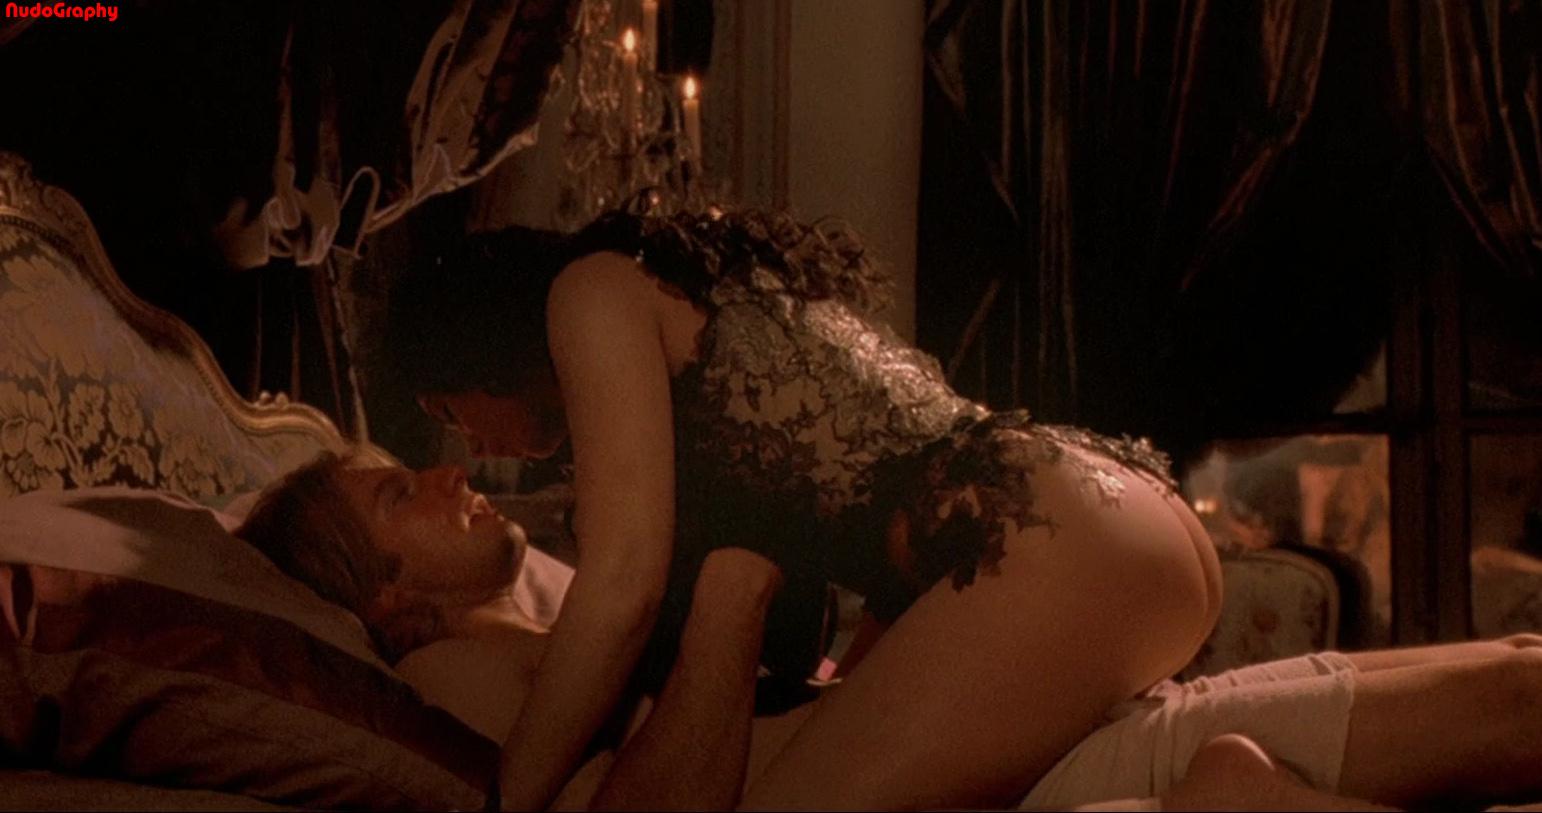 monika-belluchchi-porno-filmi